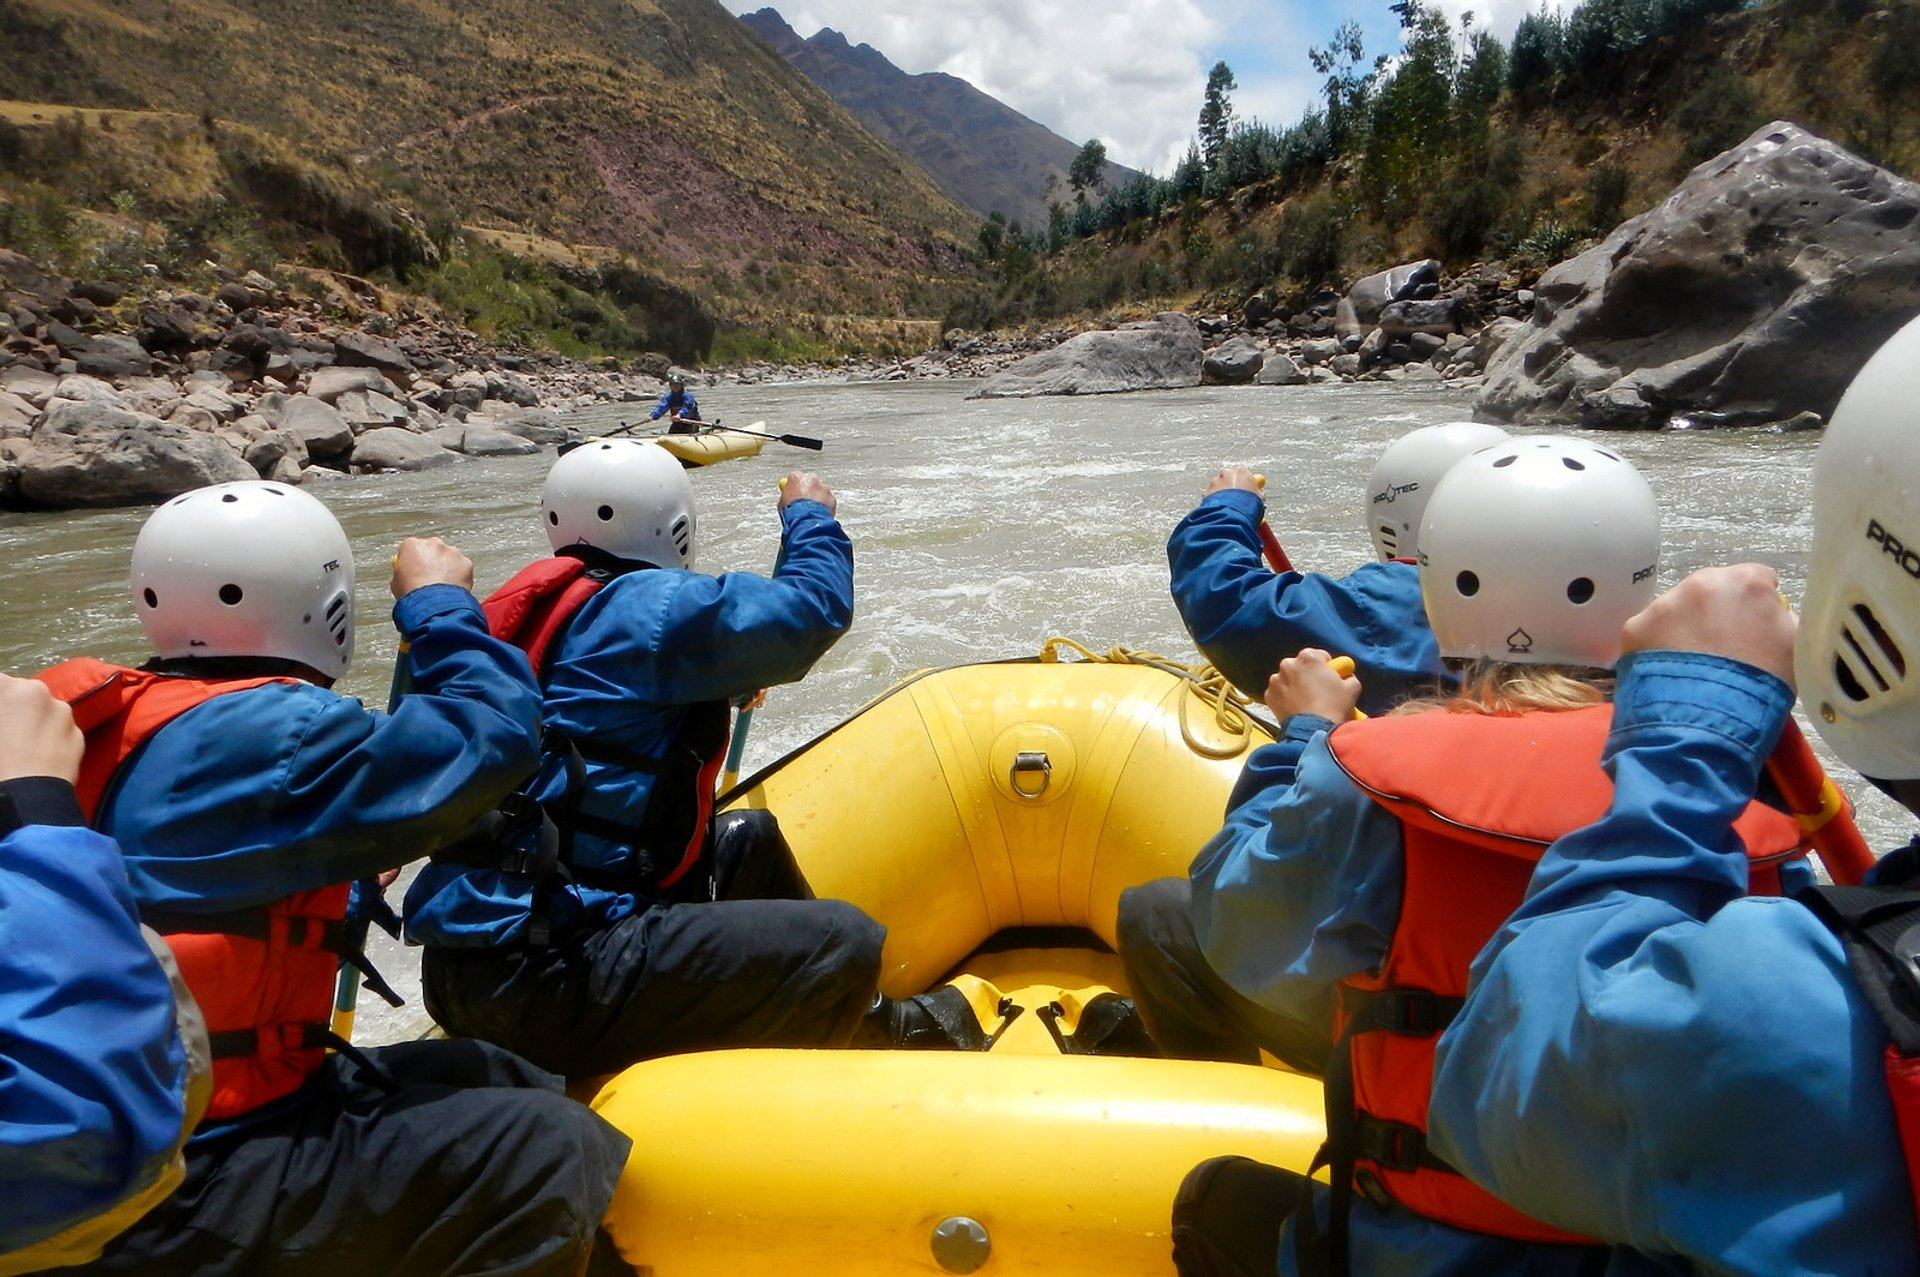 Rafting Season in Machu Picchu and Cusco - Best Season 2020